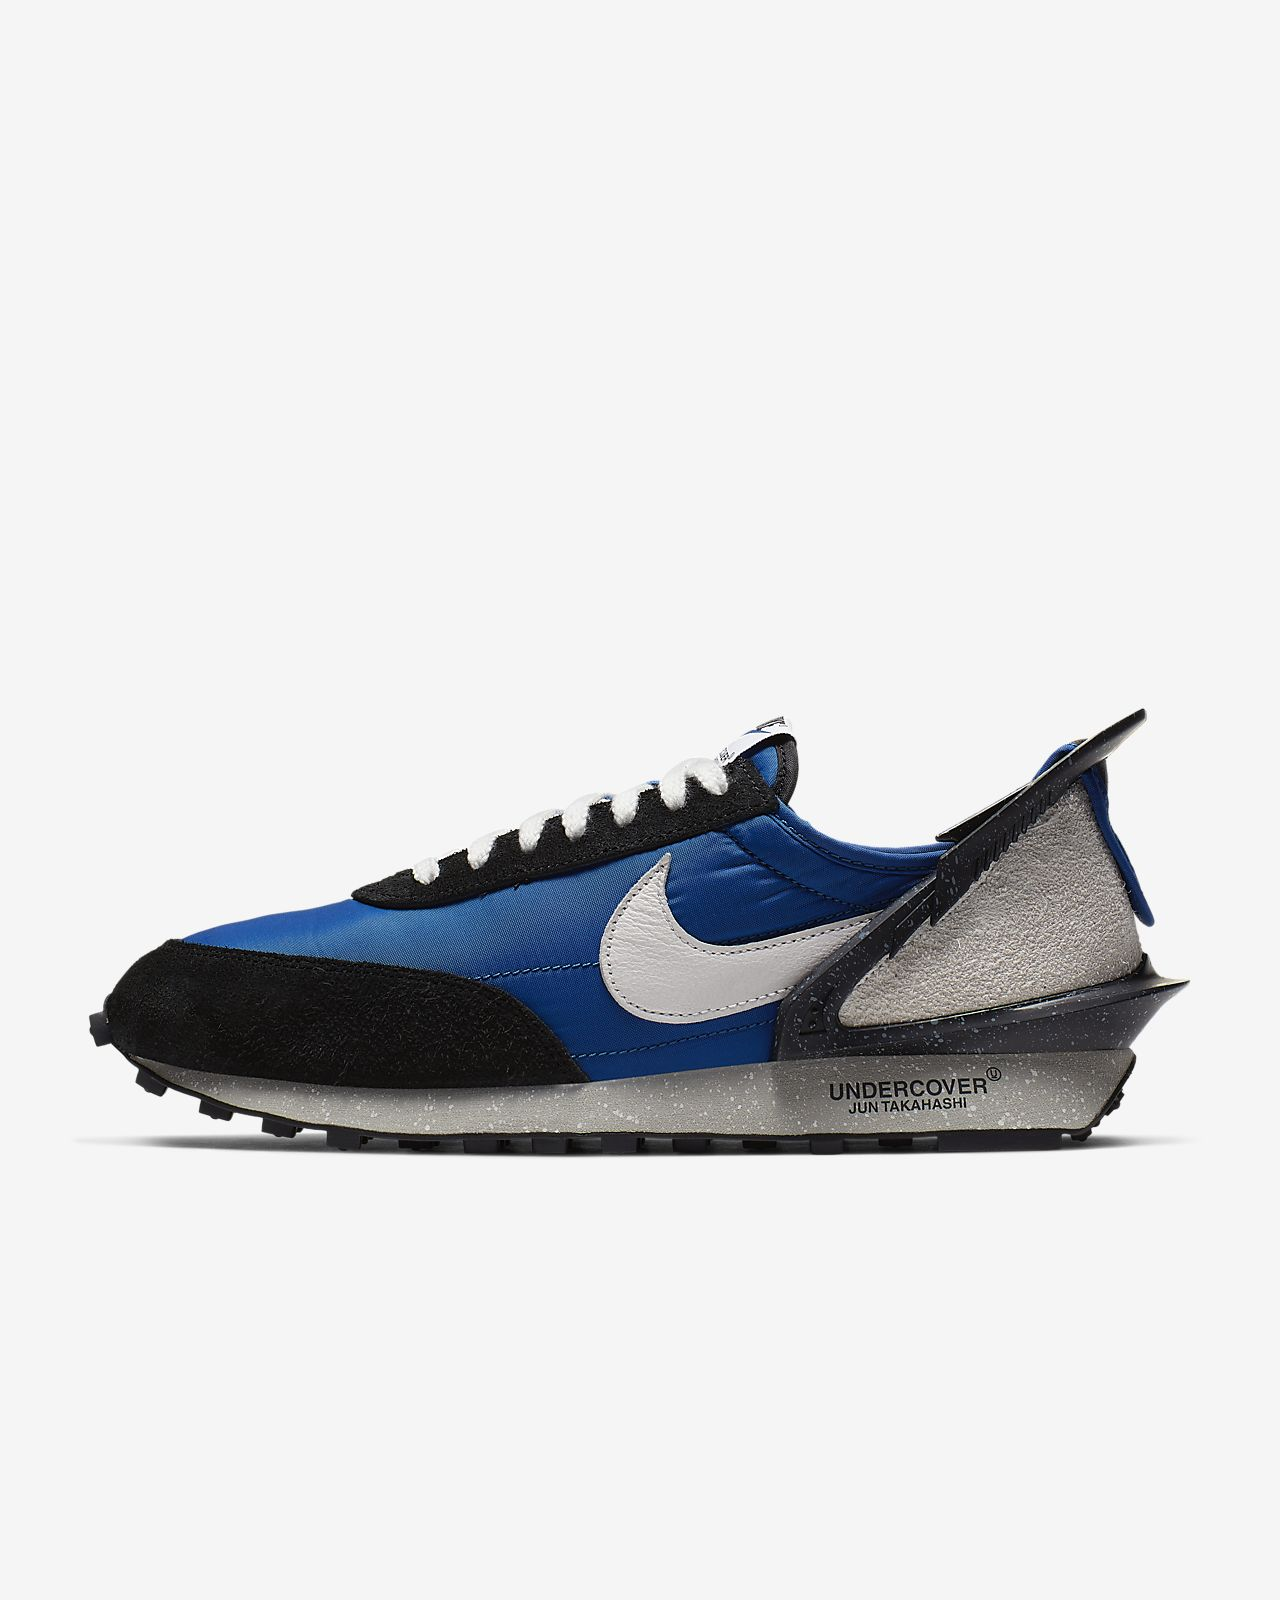 รองเท้าผู้ชาย Nike x Undercover Daybreak